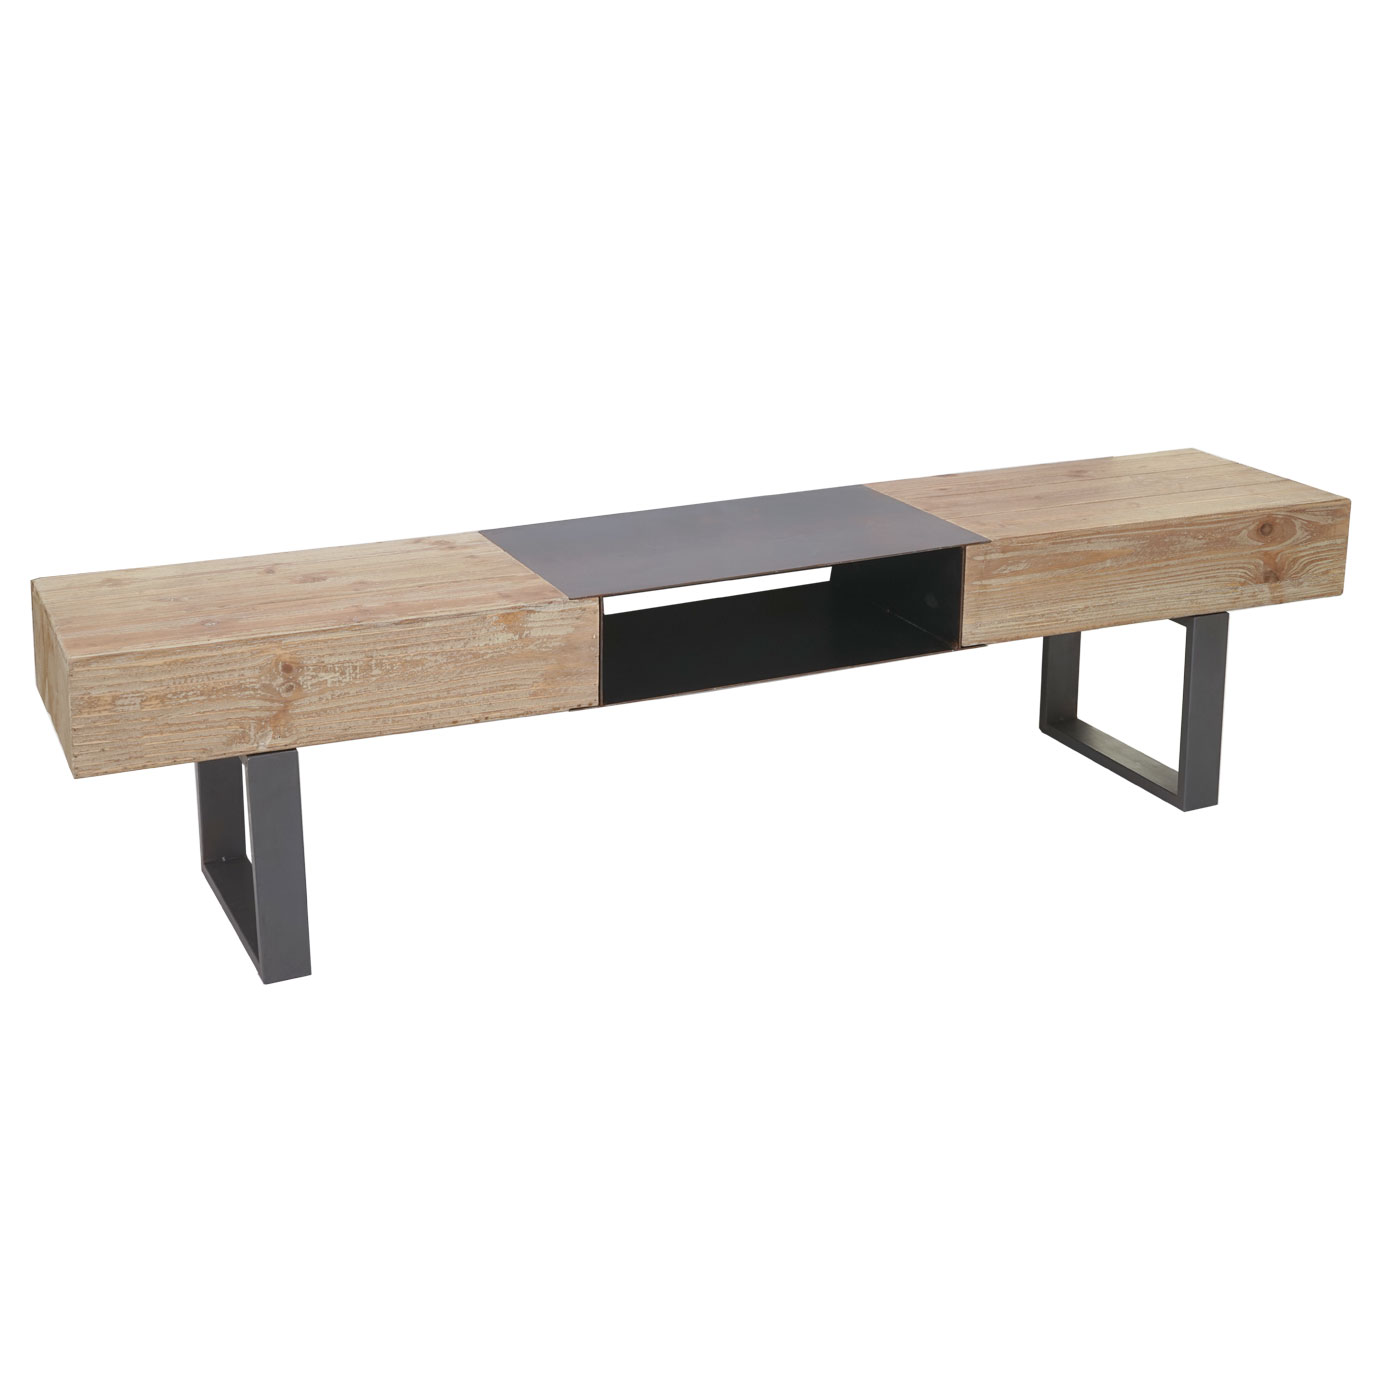 tv rack hwc a15 fernsehtisch tanne holz rustikal massiv 46x180x41cm. Black Bedroom Furniture Sets. Home Design Ideas